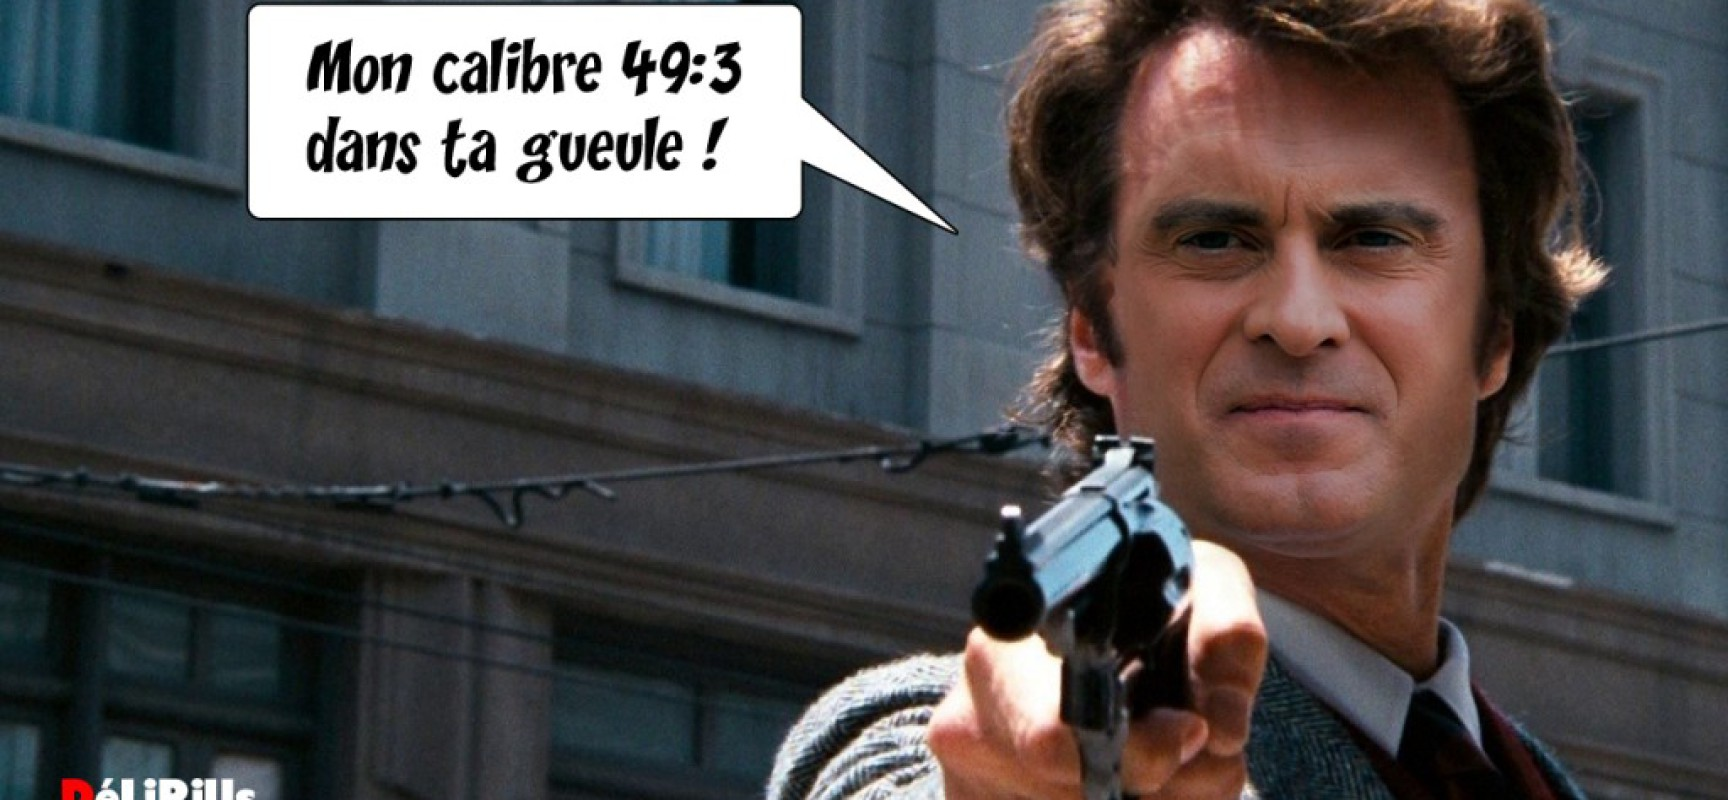 En 2008, Manuel Valls voulait supprimer le 49.3, Hollande voyait cet article comme une trahison…